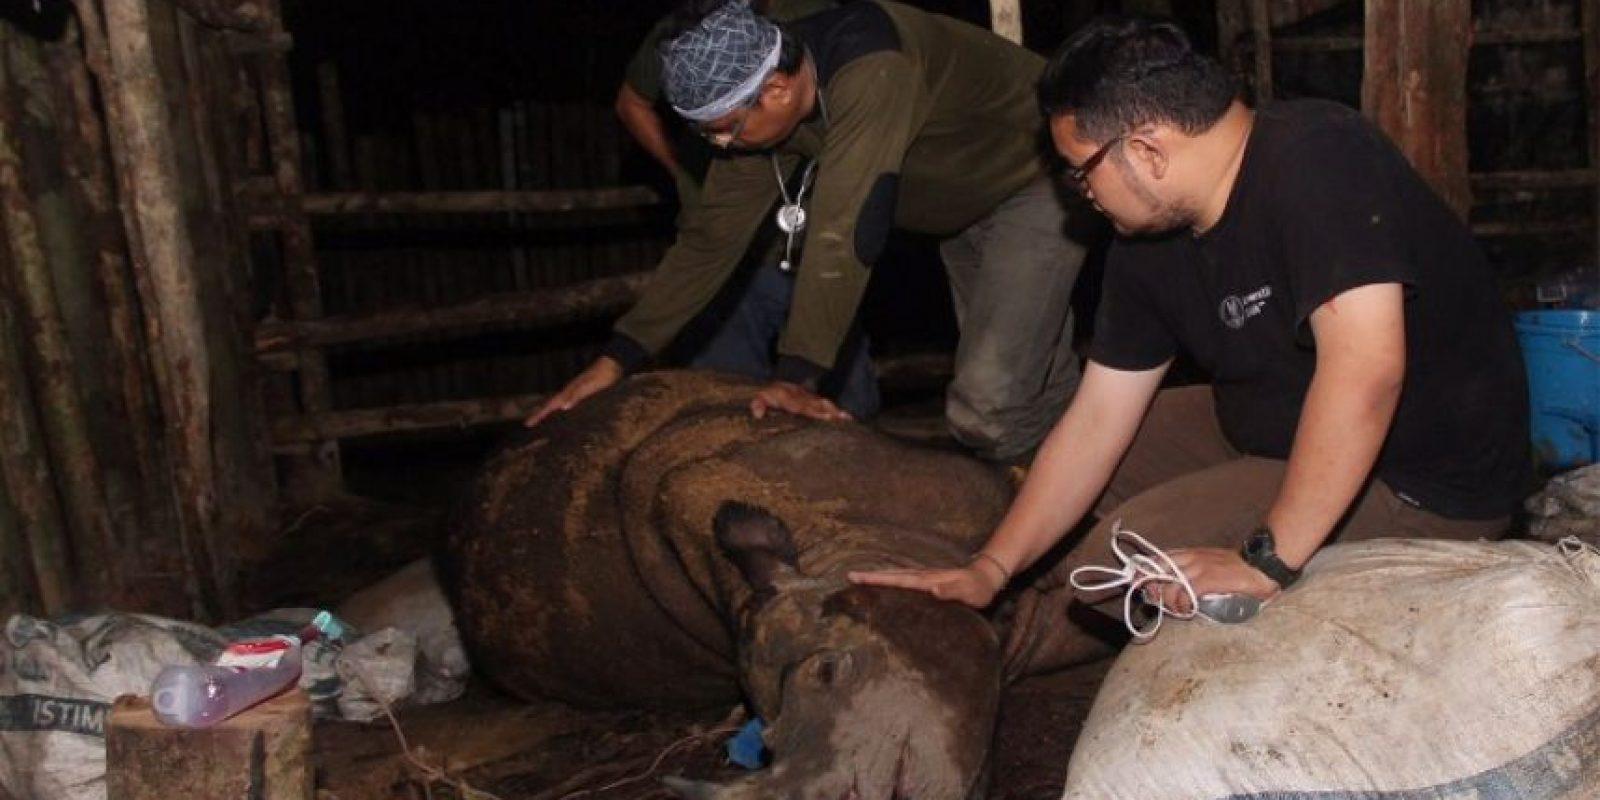 Aunque se intentó, no se le pudo salvar y murió ayer Foto:AFP